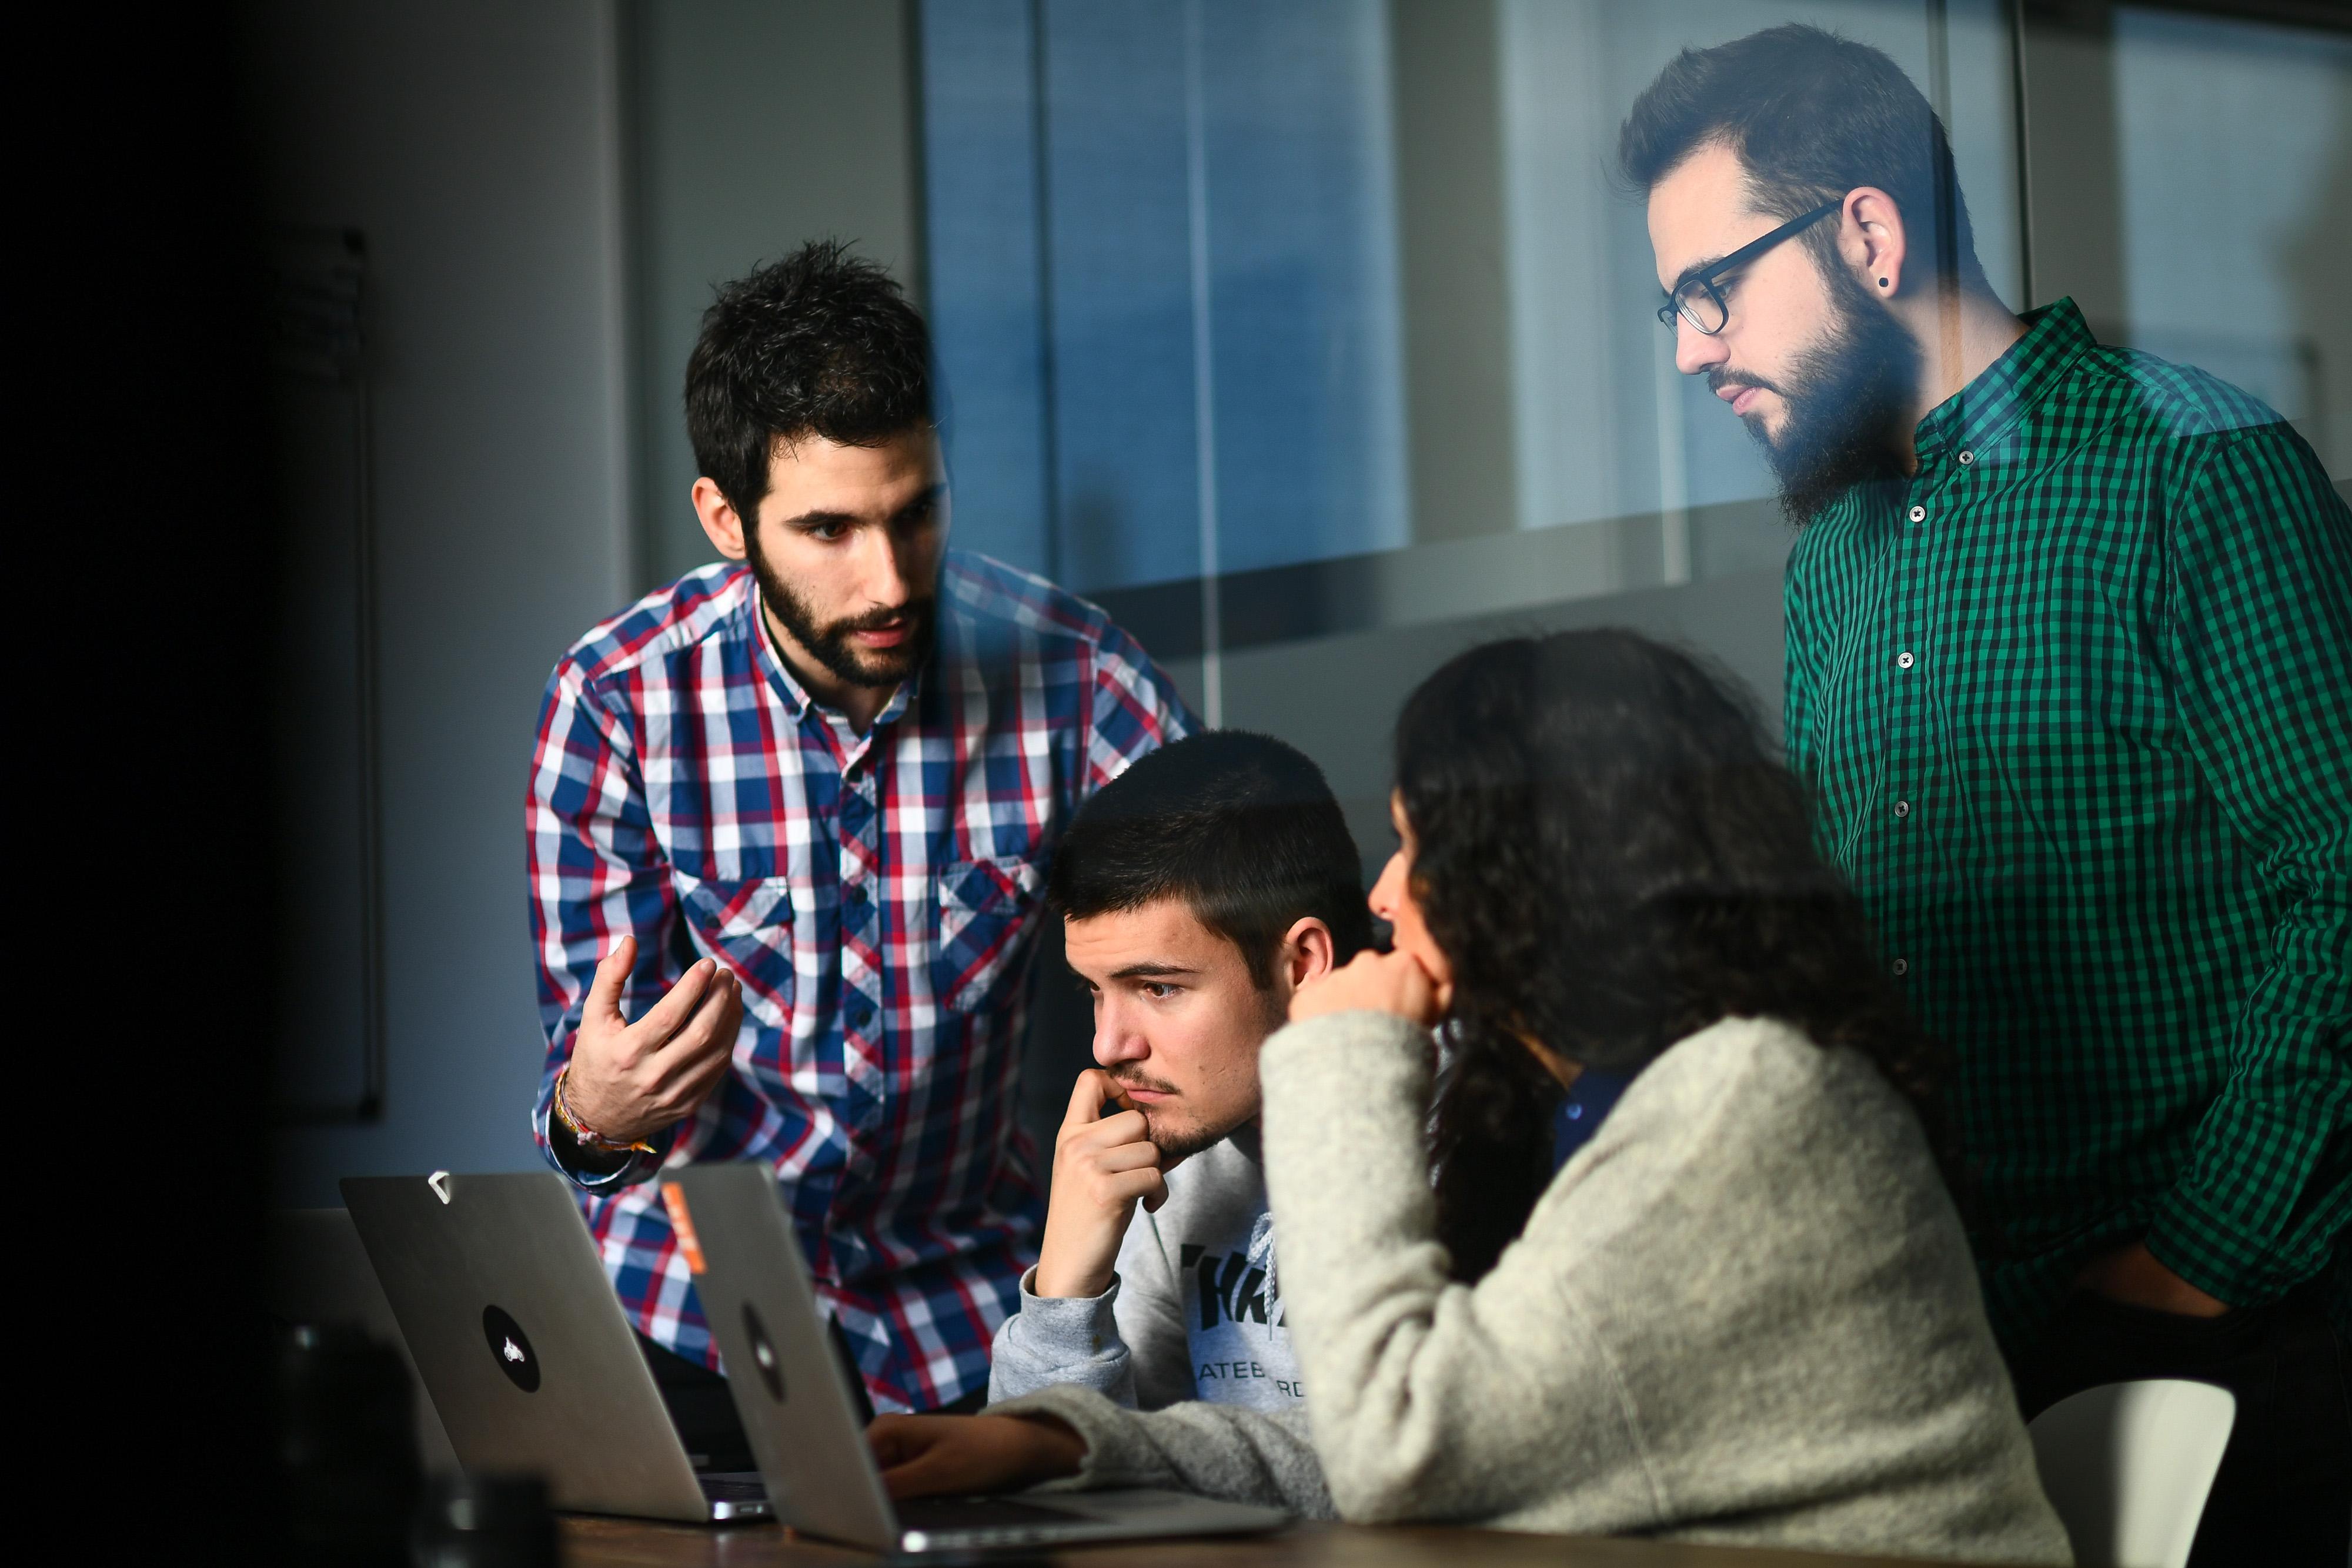 Conoce las ventajas de potenciar la formación técnica de tu equipo